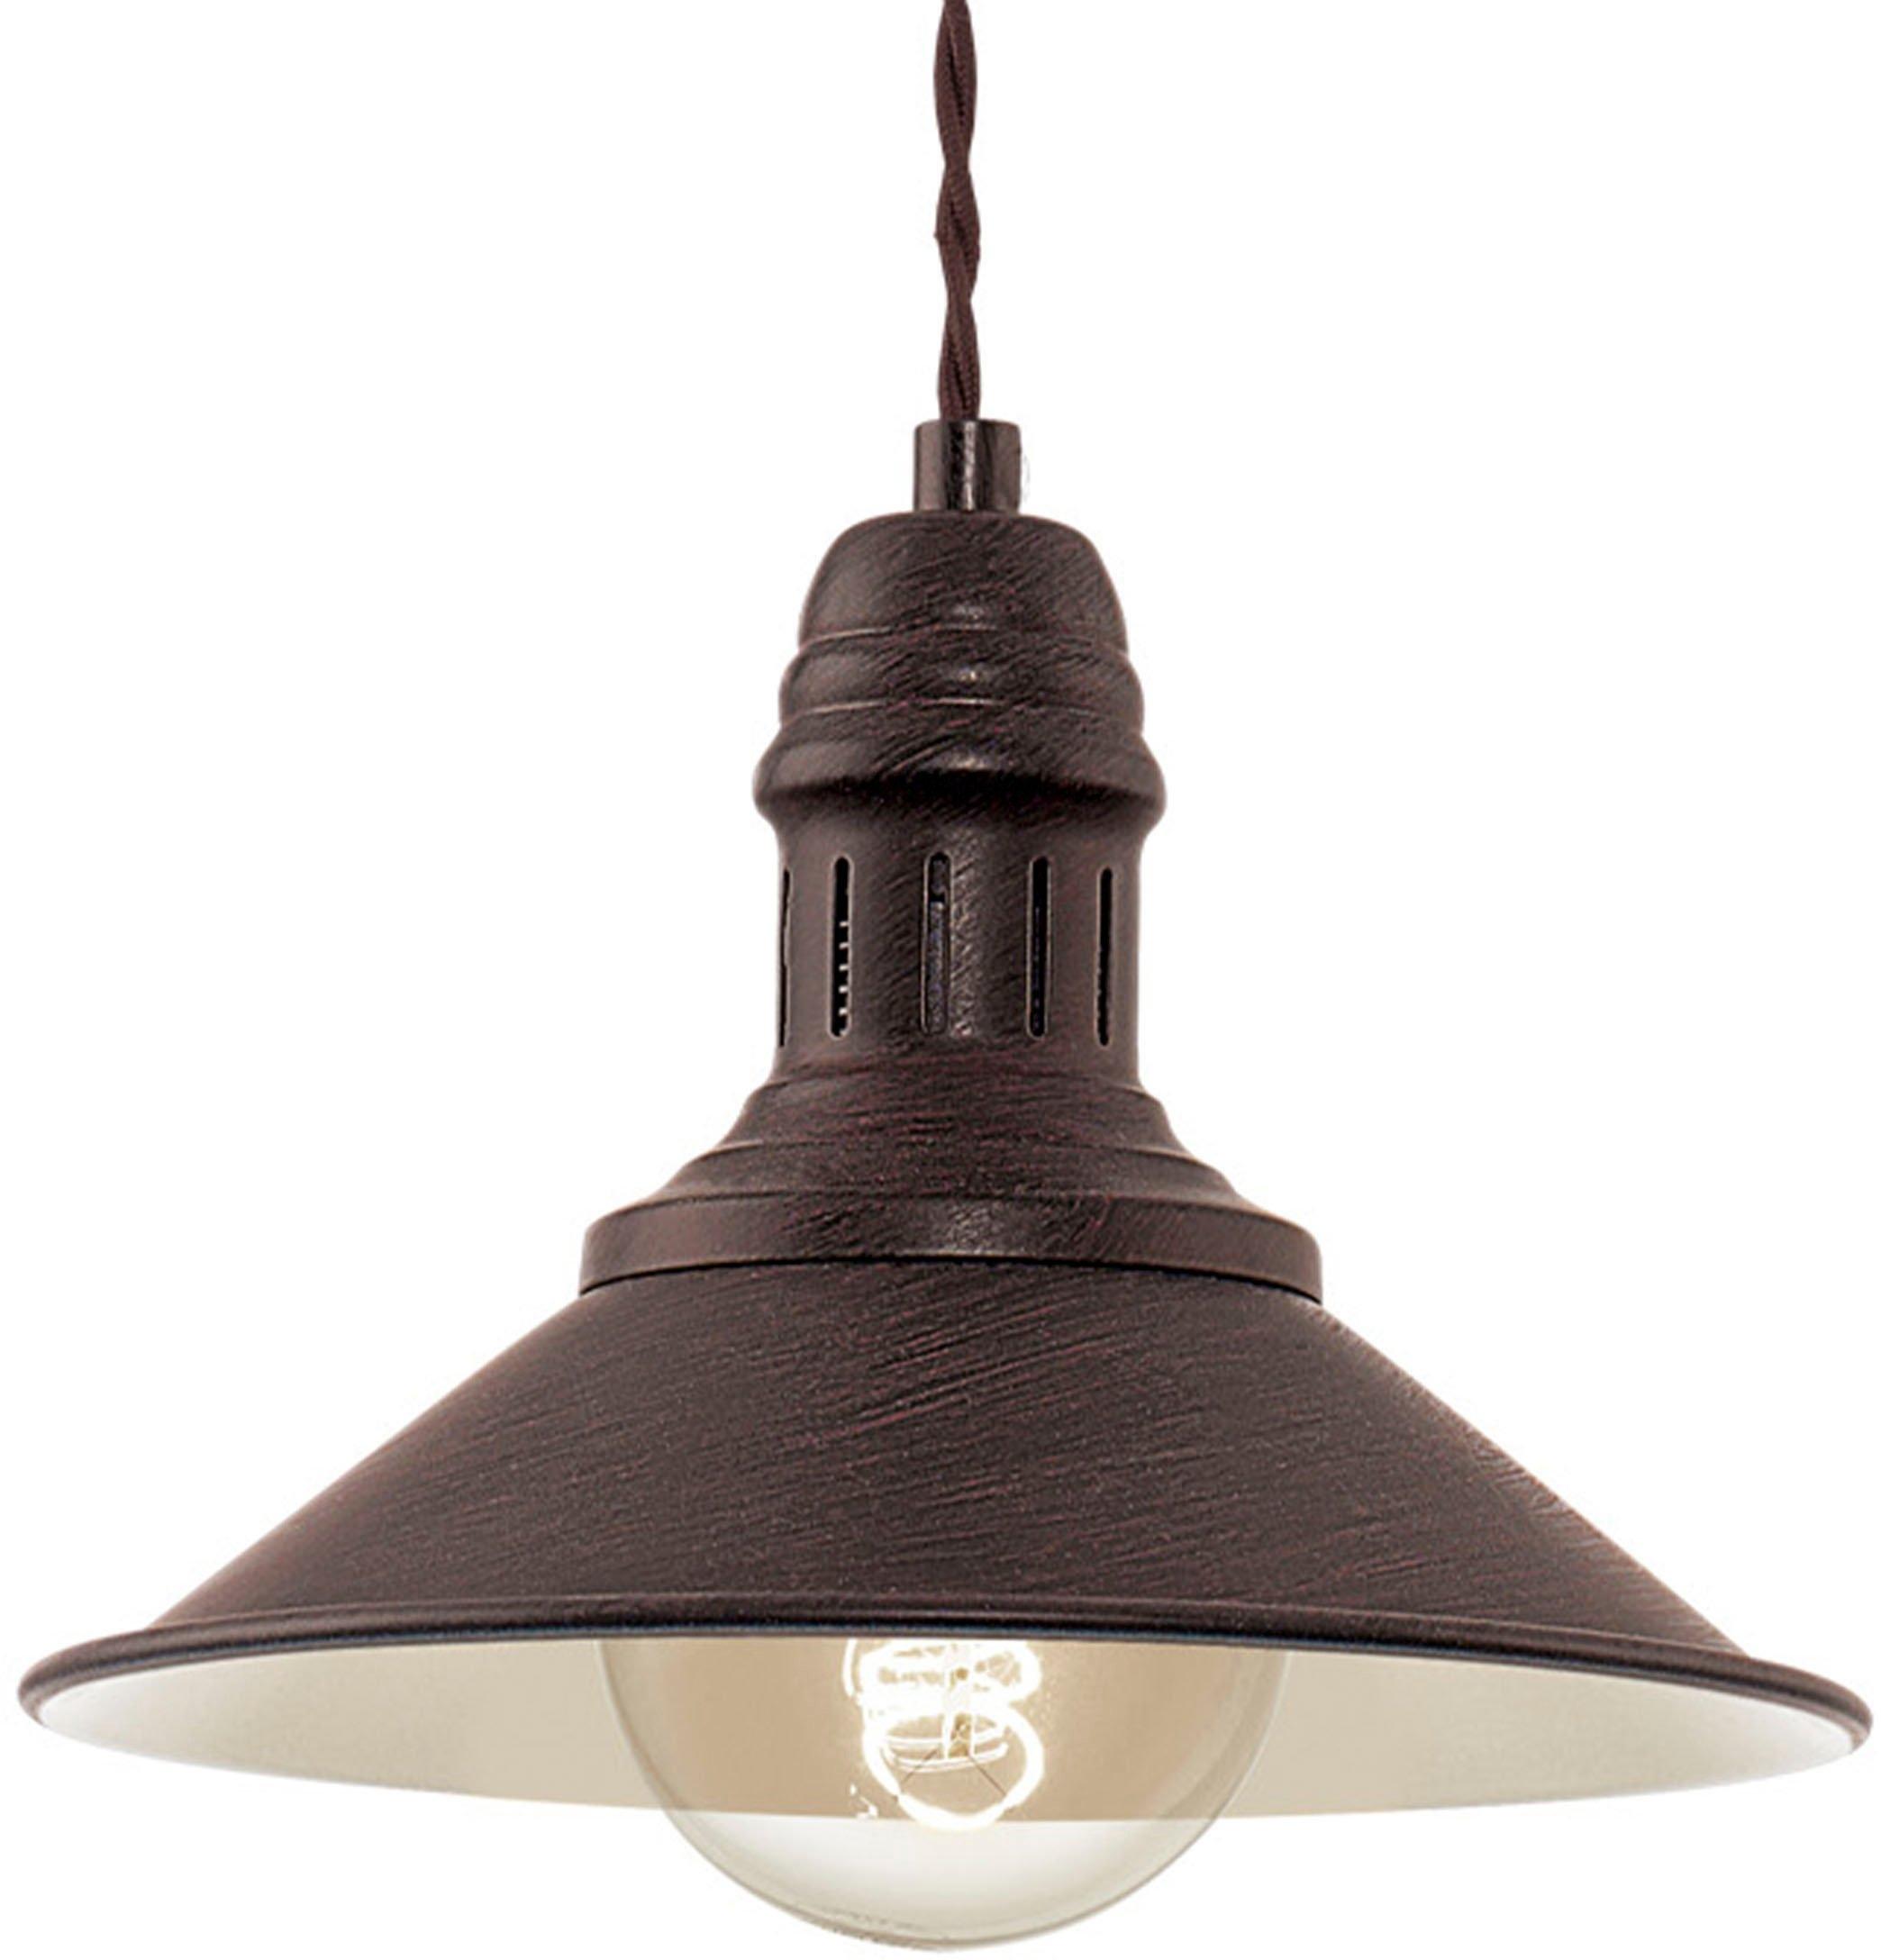 EGLO hanglamp STOCKBURY Hanglicht, hanglamp voordelig en veilig online kopen